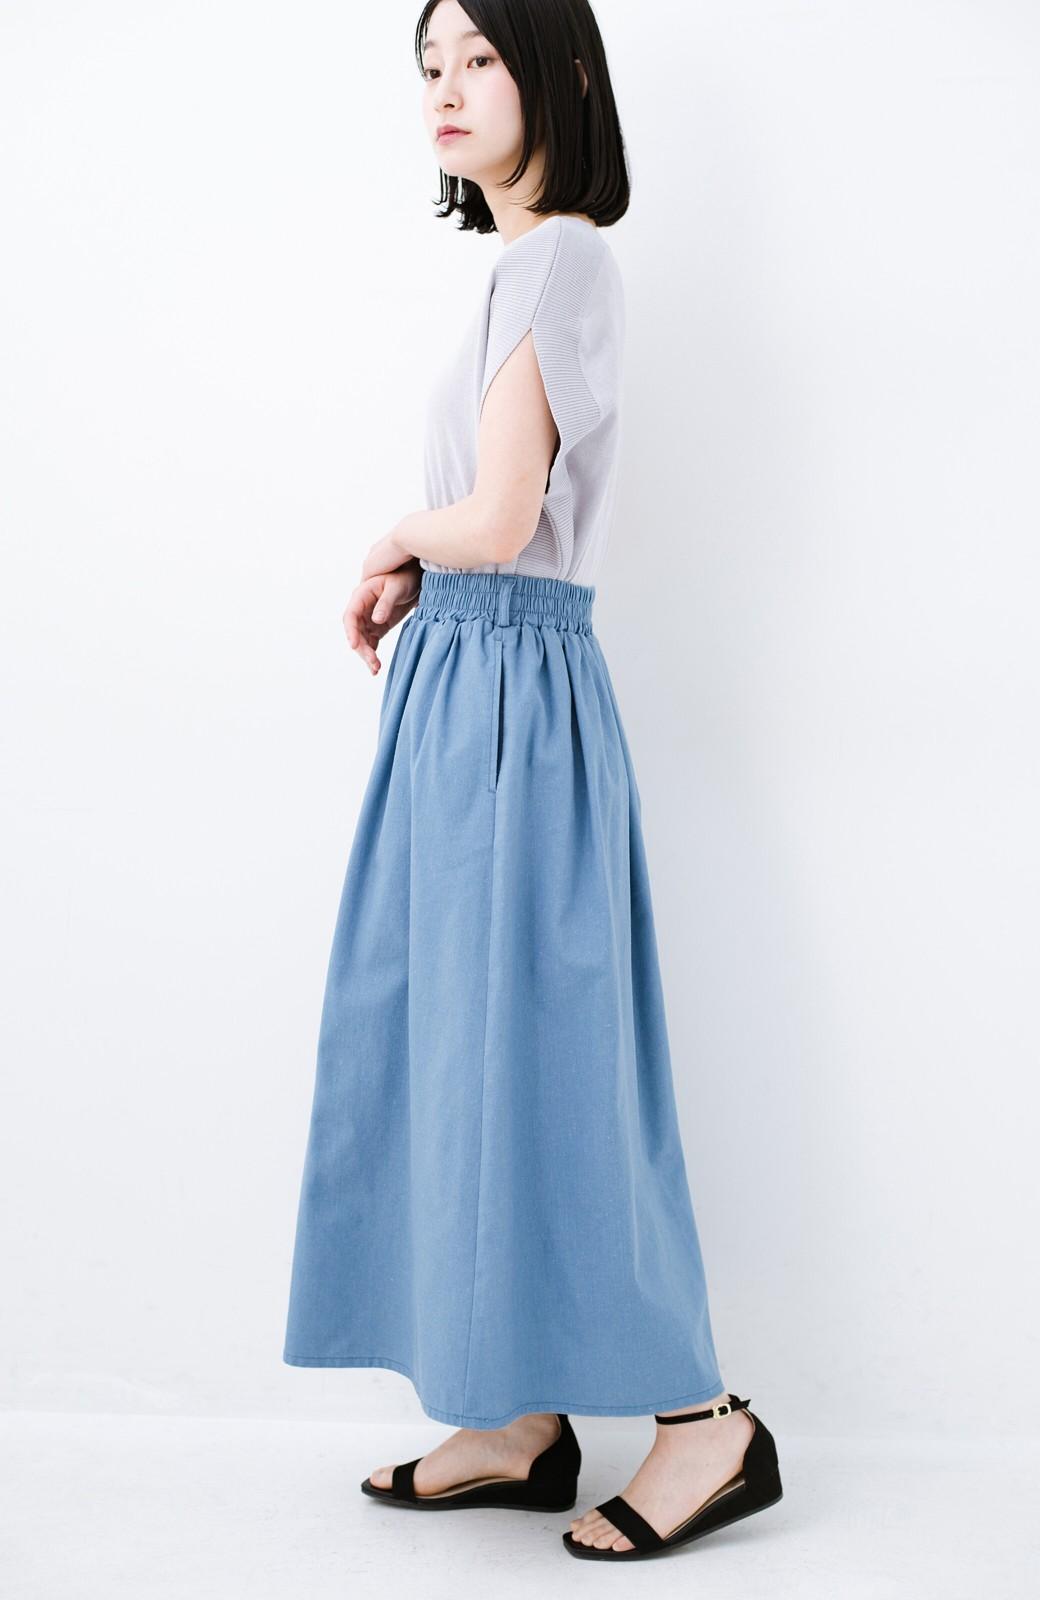 haco! 楽してスタイルが決まる 涼やか麻混スカート <ライトブルー>の商品写真14